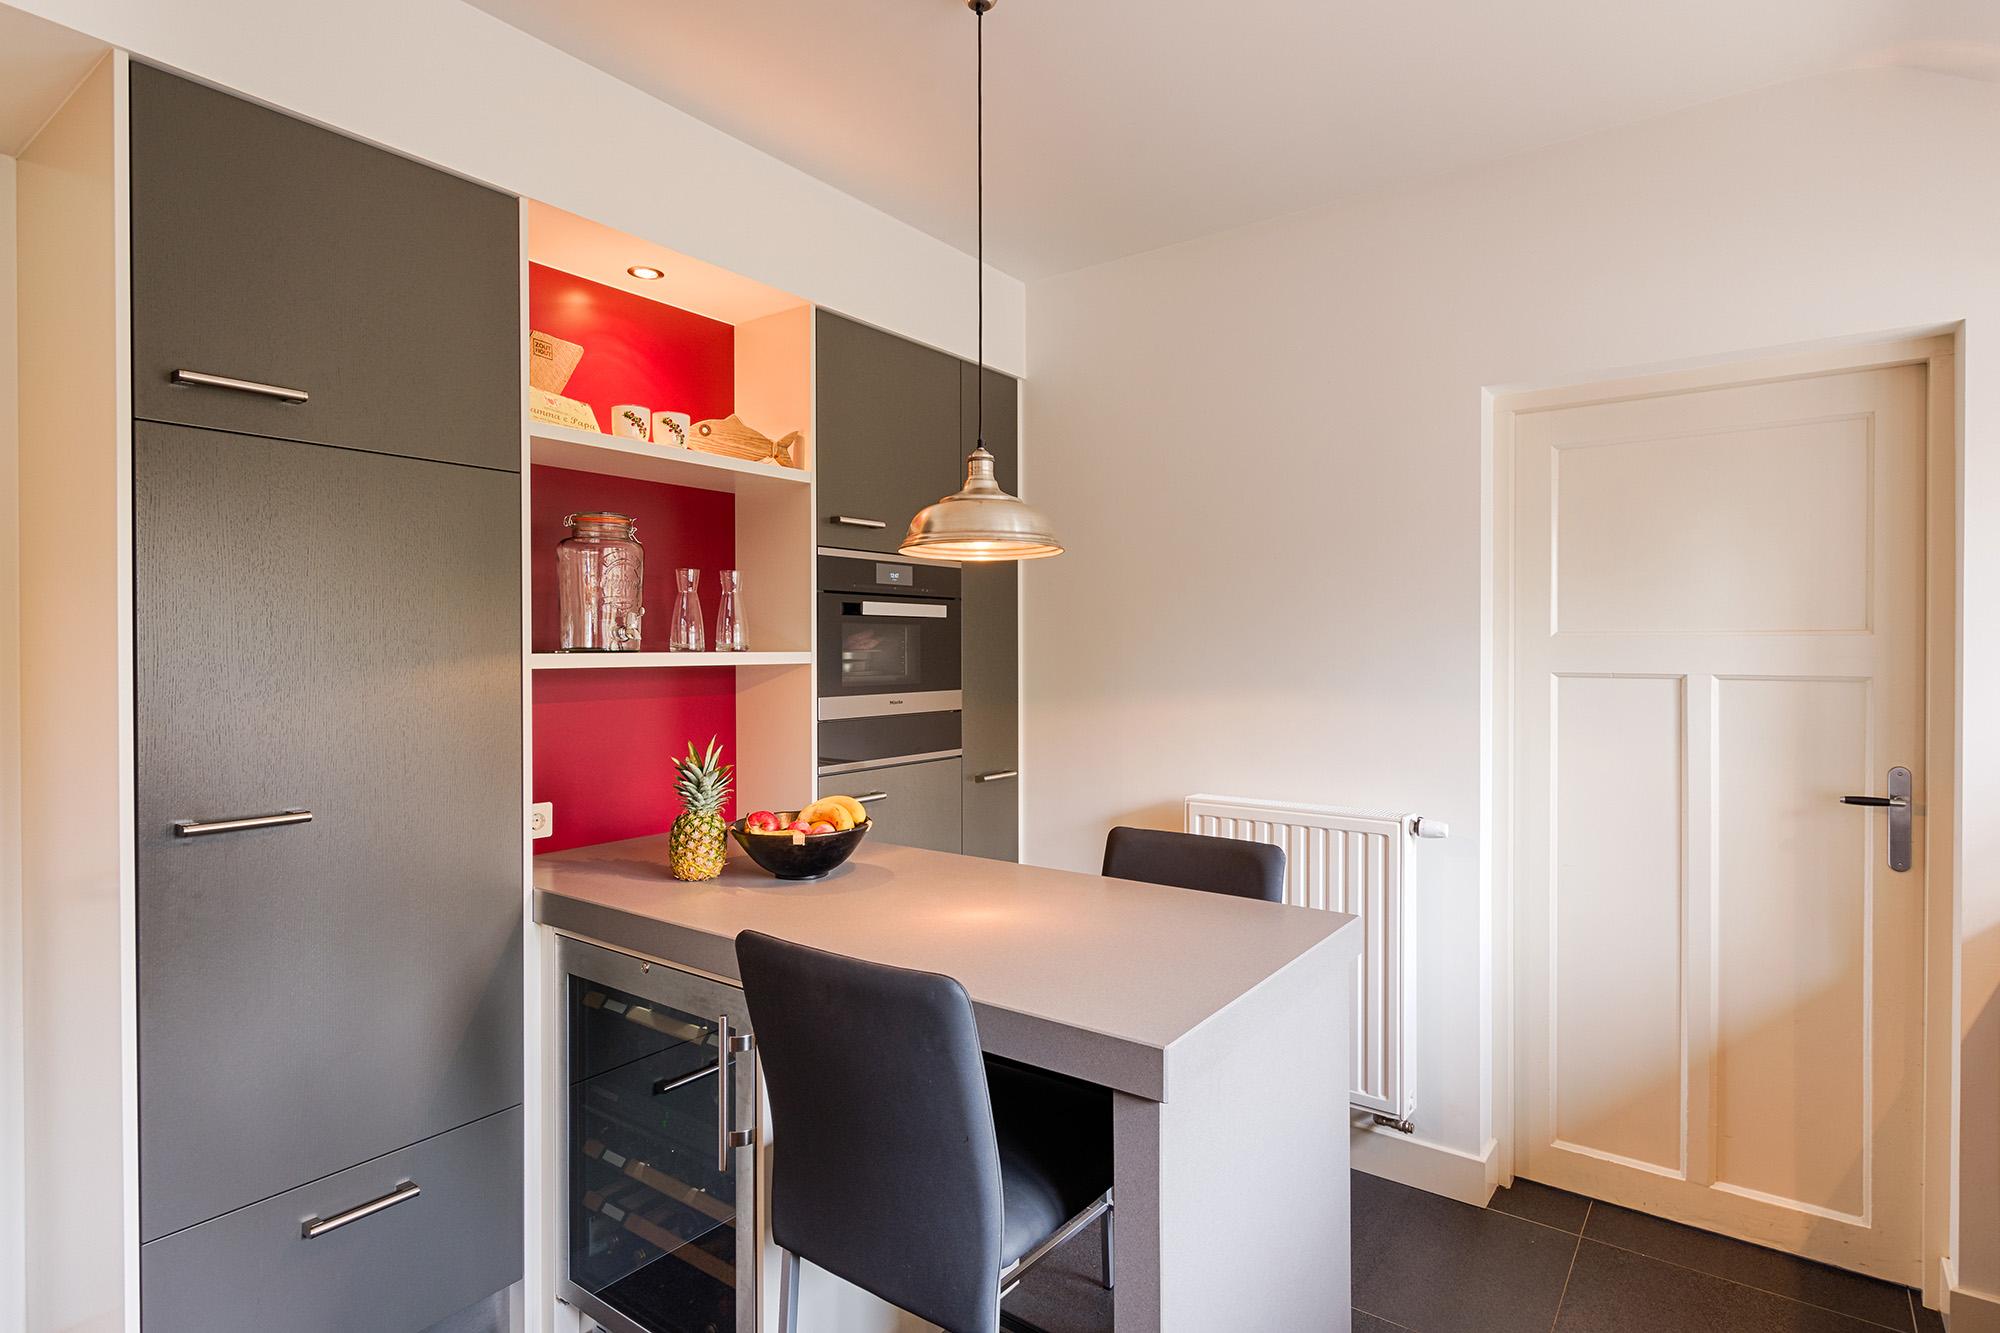 Industri le keuken forest keukens - Industriele stijl keuken ...